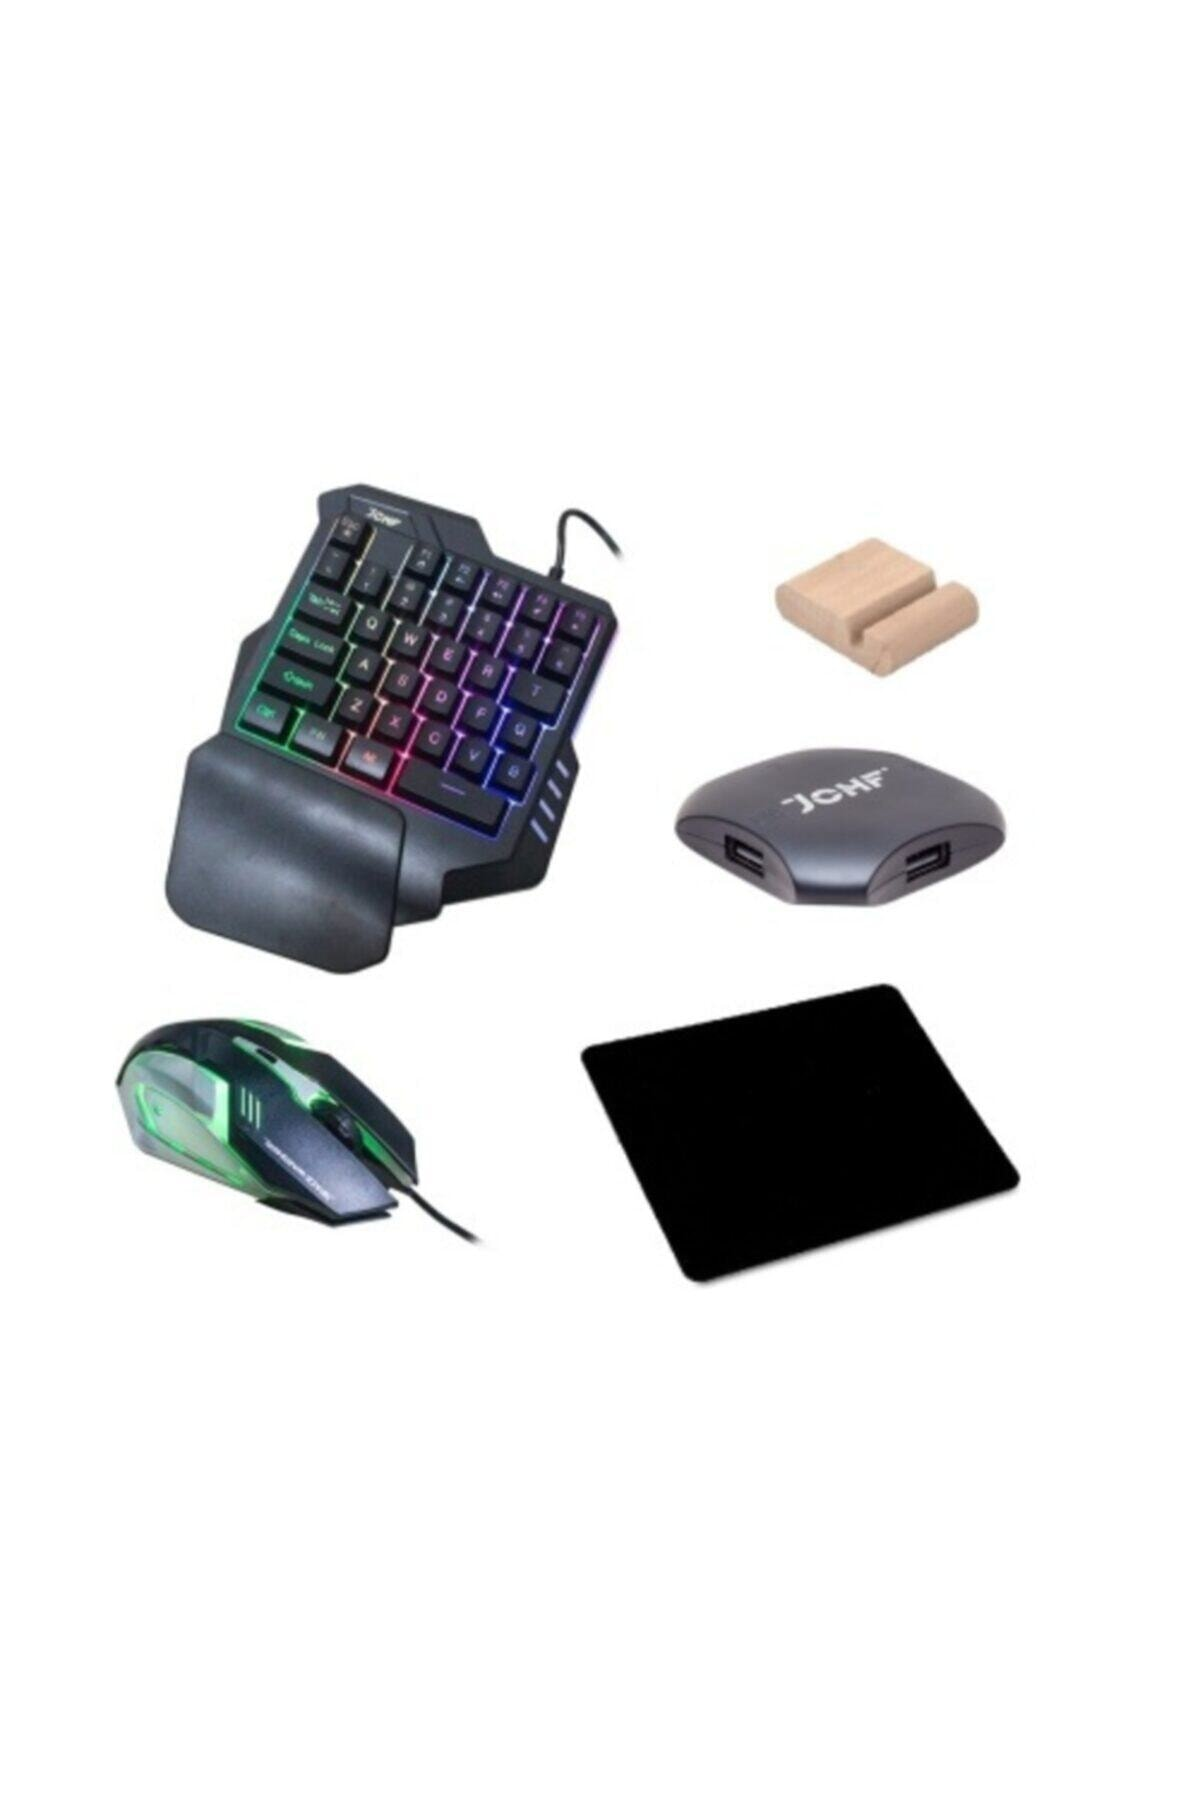 Gate Pubg Oyun Konsolu 3in1-klavye Mouse Bağlayıcı 3 Lü Set Mükemmel Kontrol Pubg Anlaşmalı 2